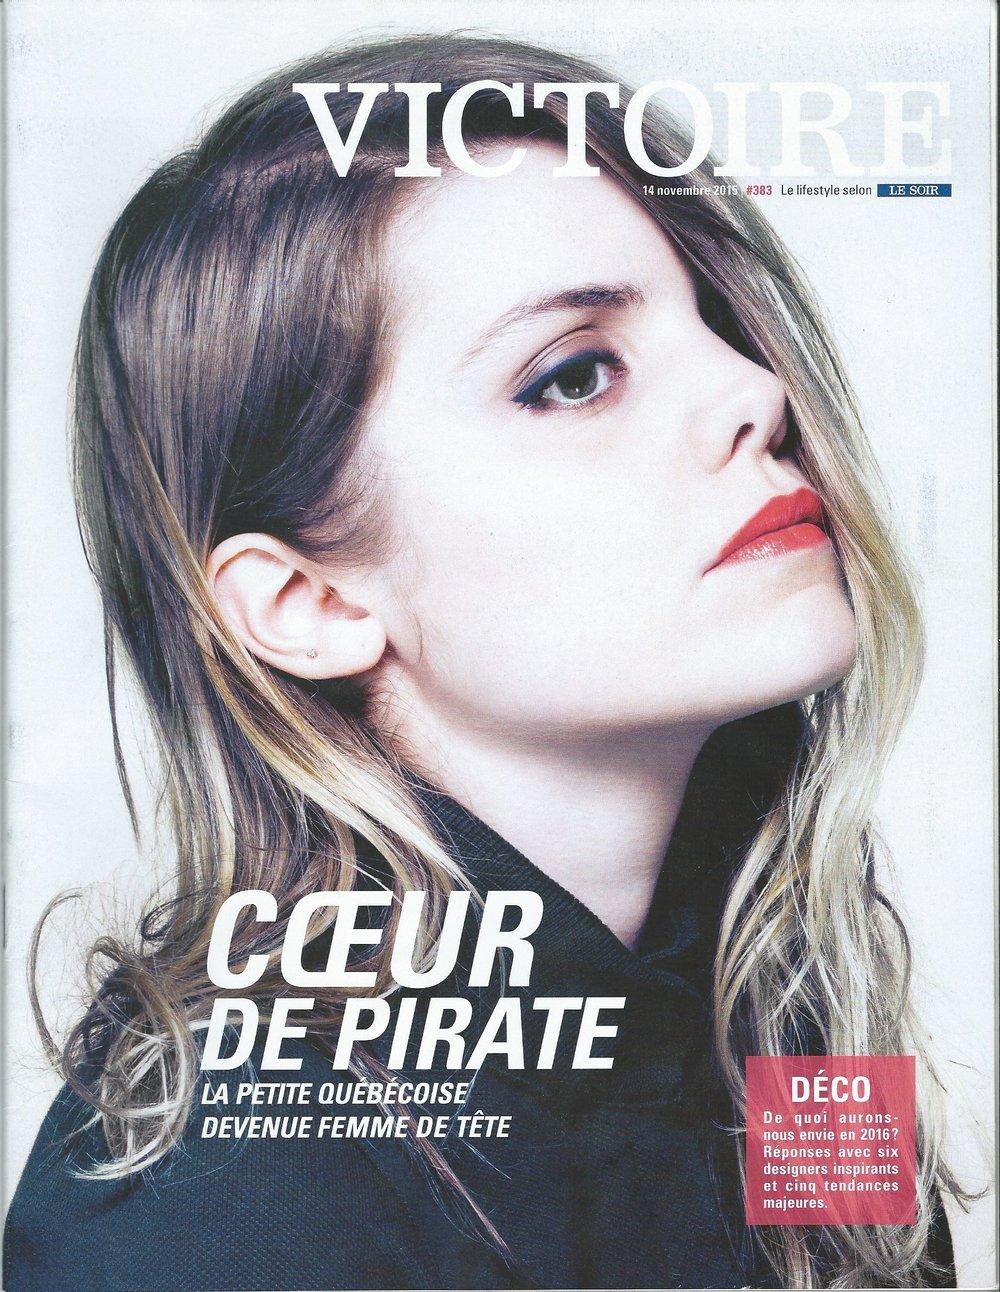 Victoire - Le Soir